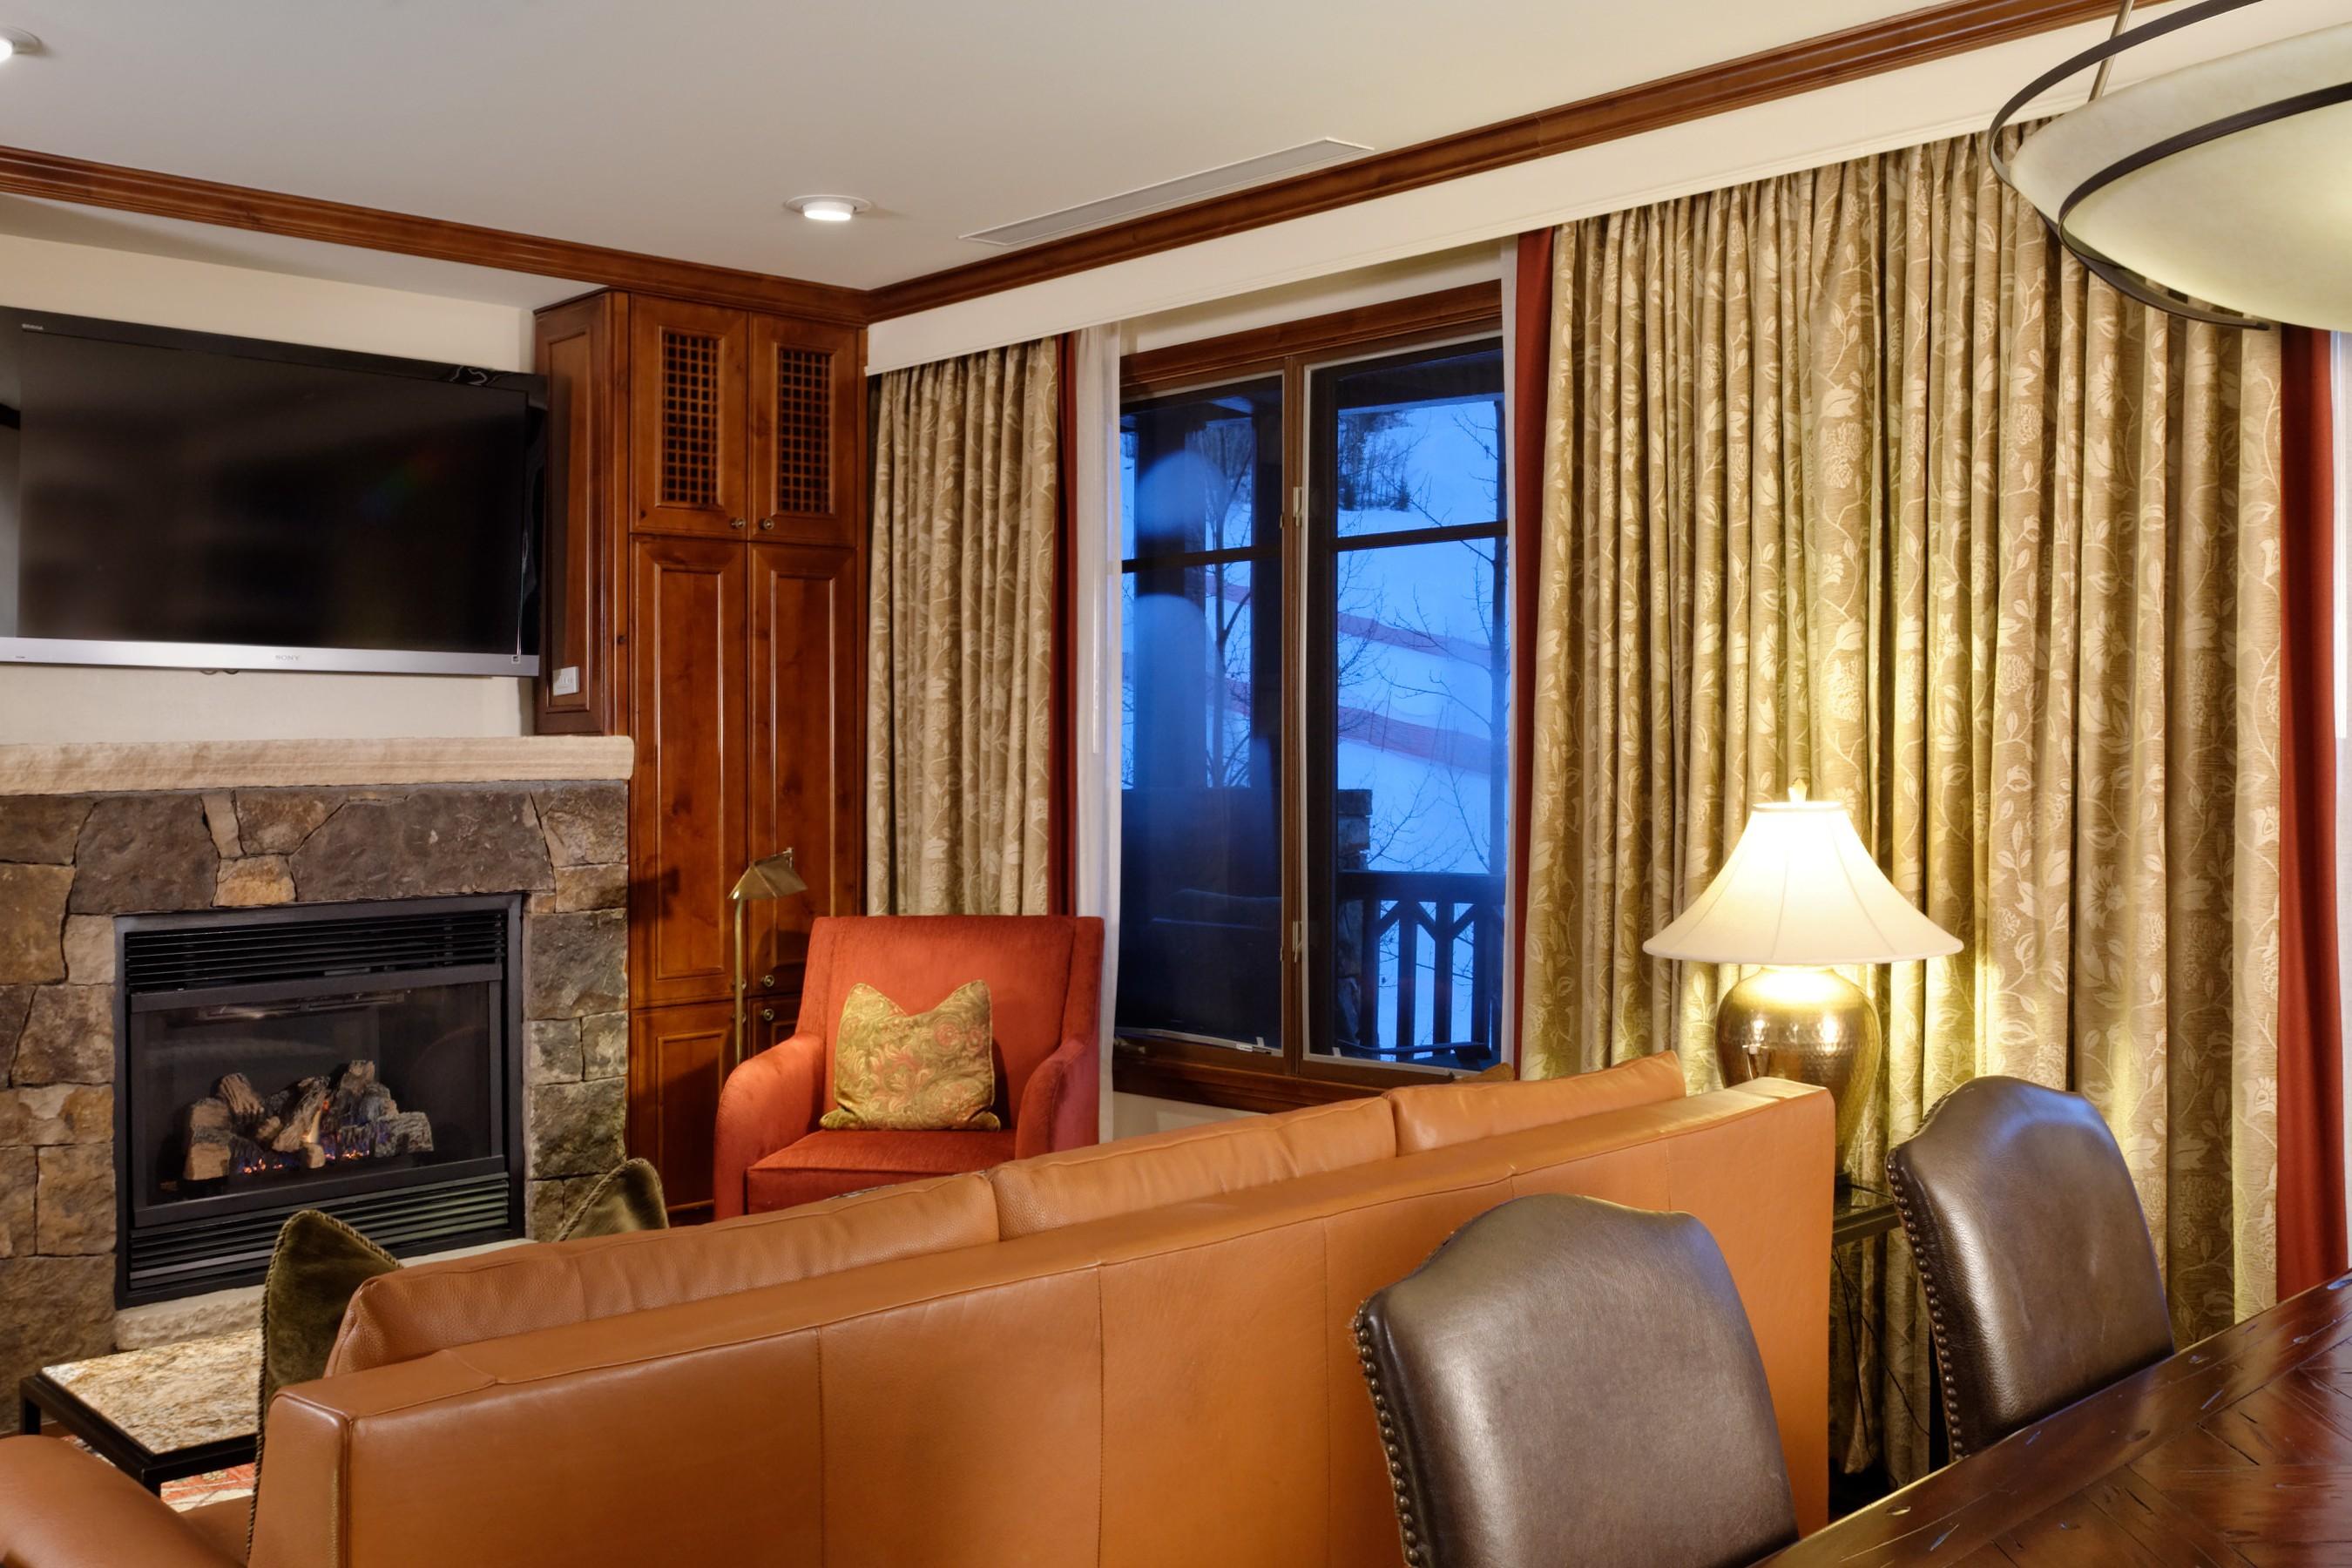 Долевое владение для того Продажа на Ritz-Carlton Club Aspen Highlands Fractional Condo Interes 0197 Prospector Road, 2304, Winter Interest 22, 35, & 48 Ritz- Aspen, Колорадо, 81611 Соединенные Штаты